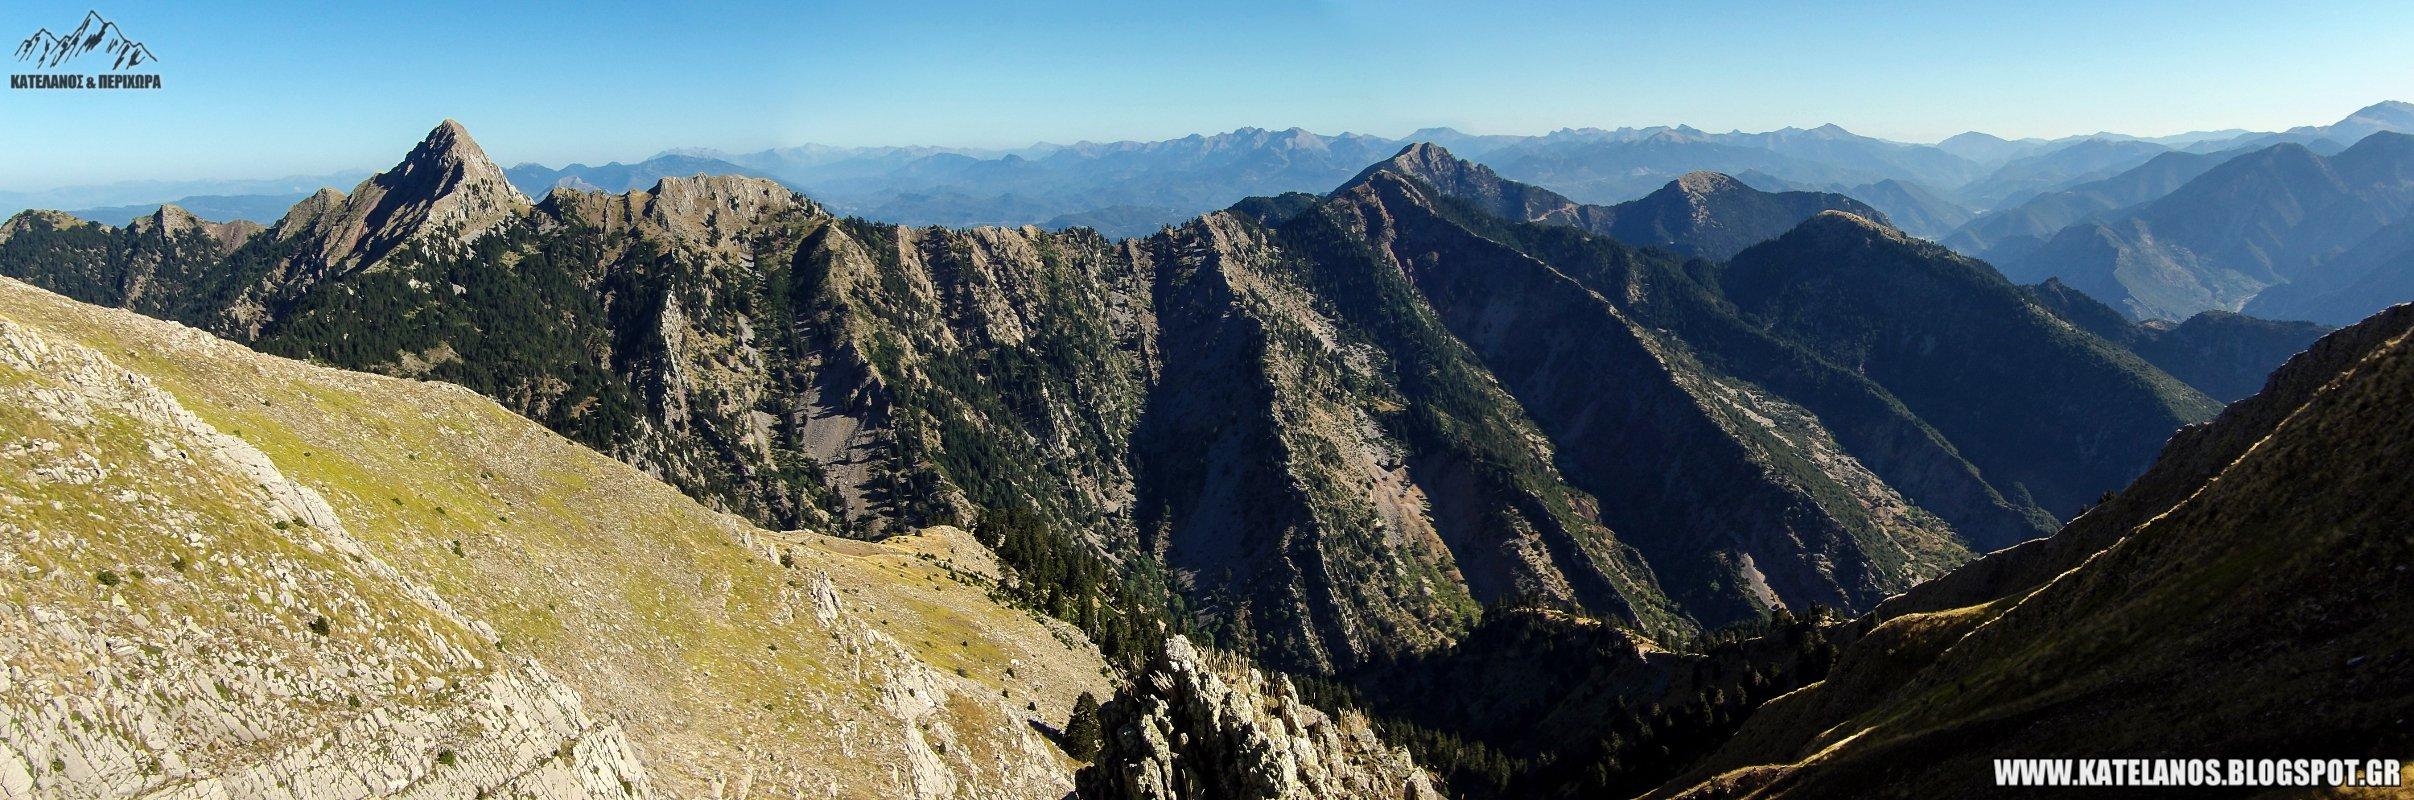 κορυφες παναιτωλικου ορους βουνα πανω απο το σταυροχωρι κουτουπας παλουκι νεραιδοβουνι